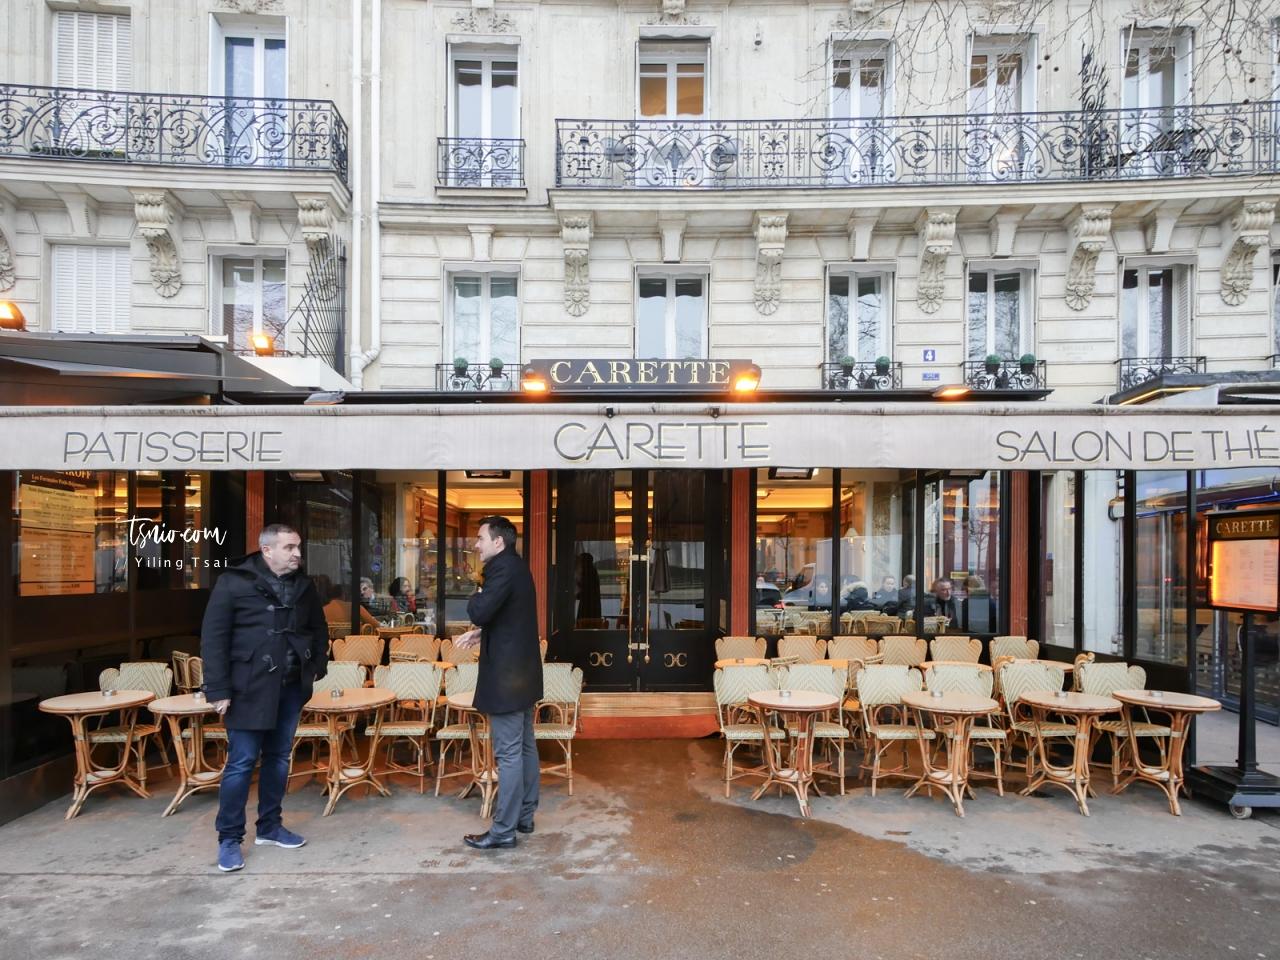 法國巴黎甜點推薦 Carette Paris 老字號巴黎人甜點沙龍